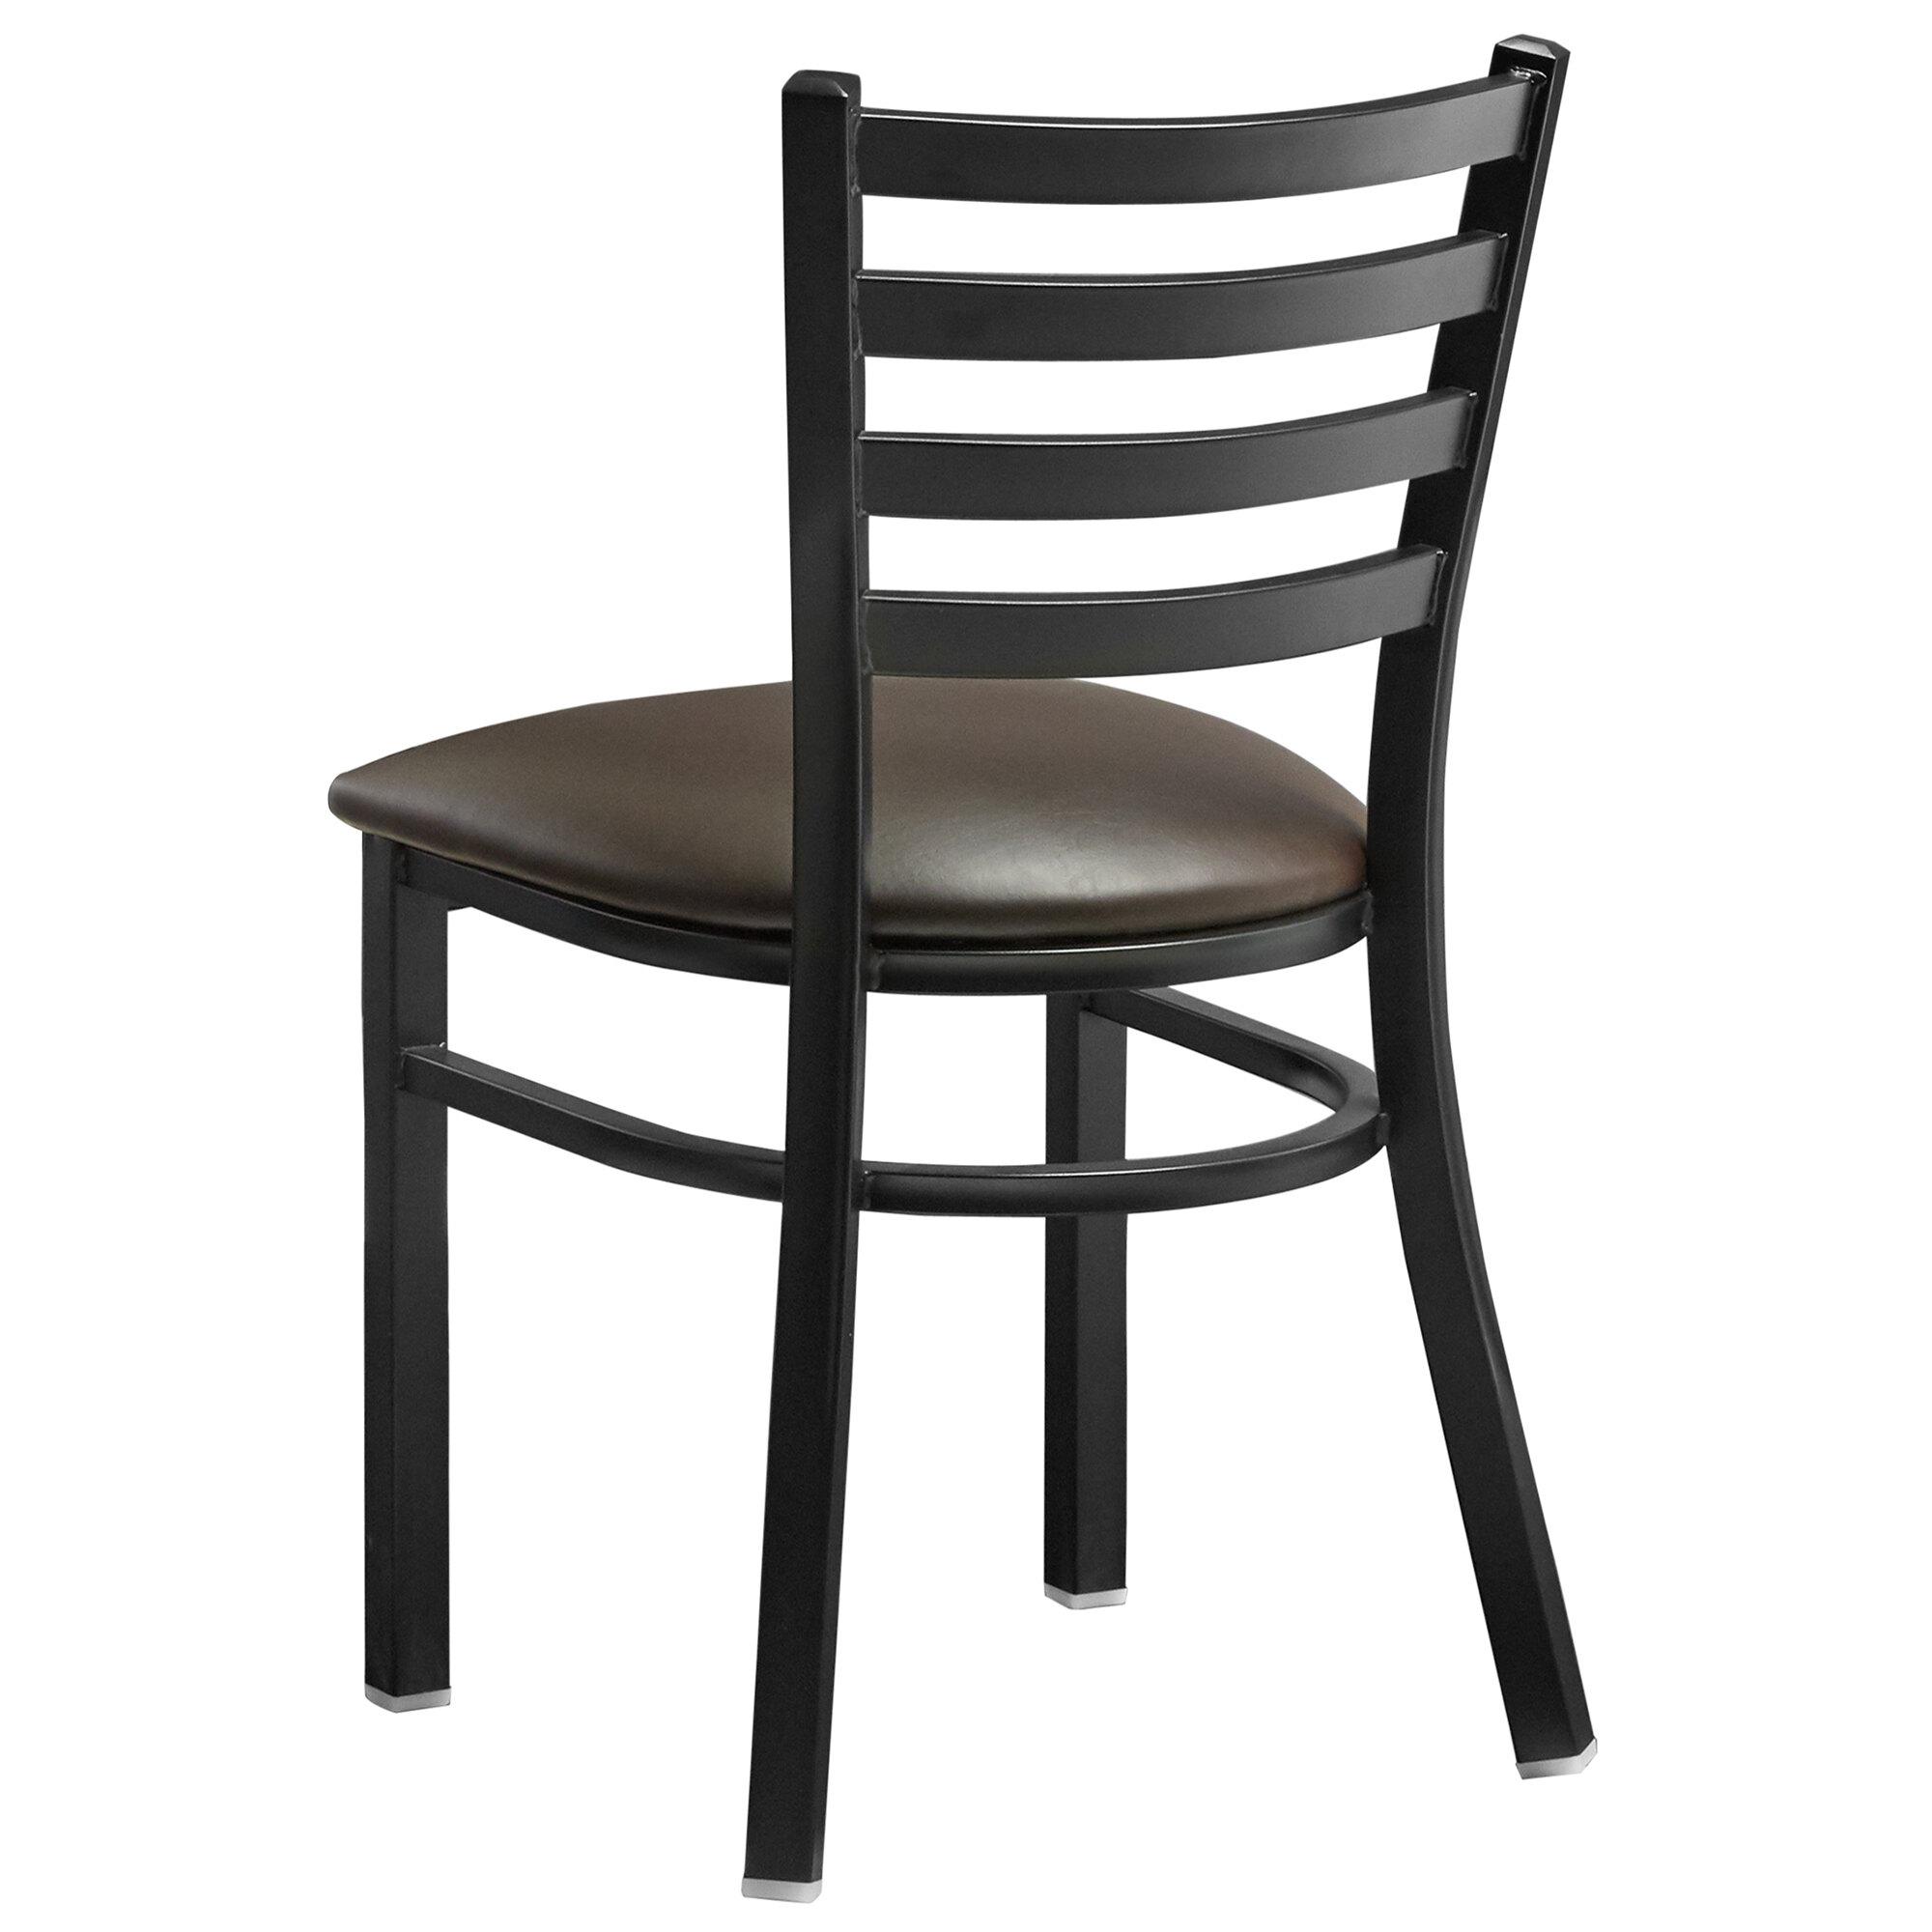 #189 - Black ladder Back Design Restaurant Metal Chair with Dark Brown Vinyl Seat